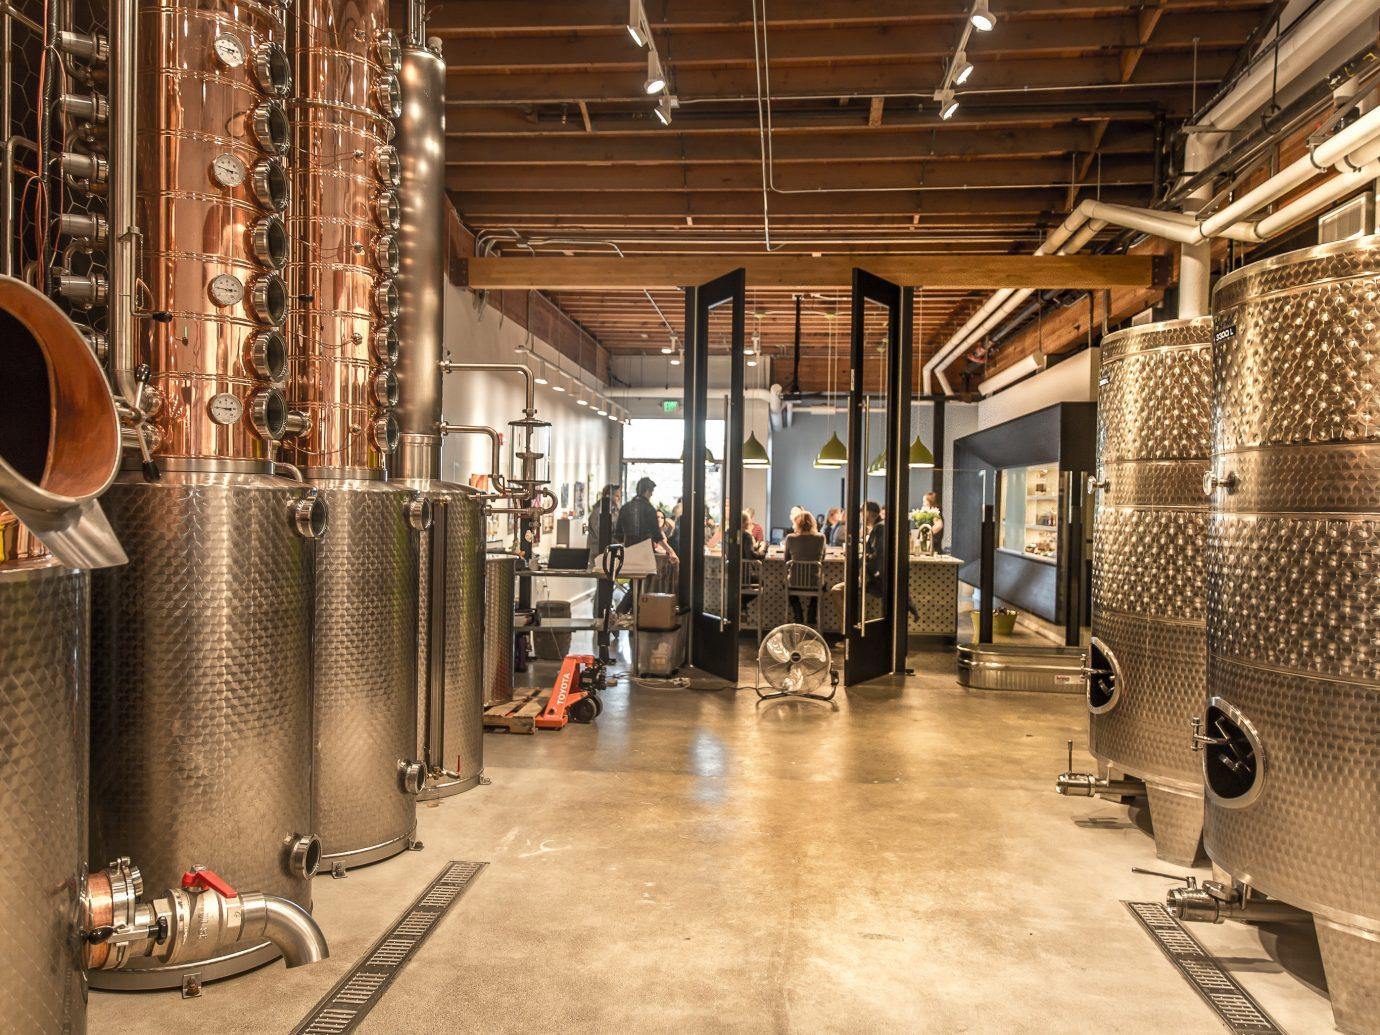 Food + Drink indoor floor room Winery interior design tourist attraction basement